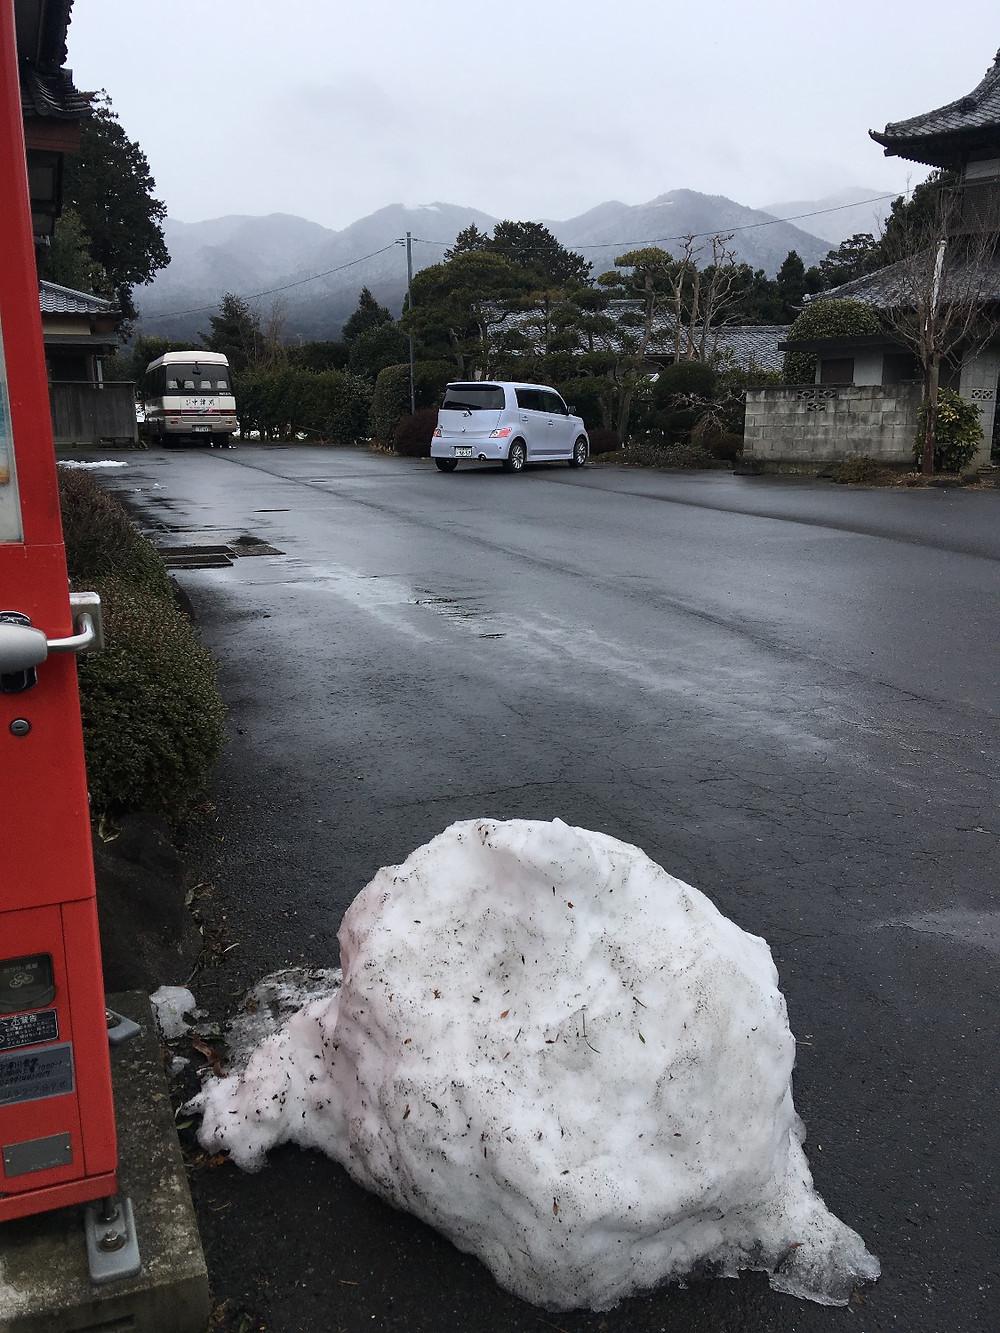 2月2日午前11時過ぎ雪が解けた駐車場